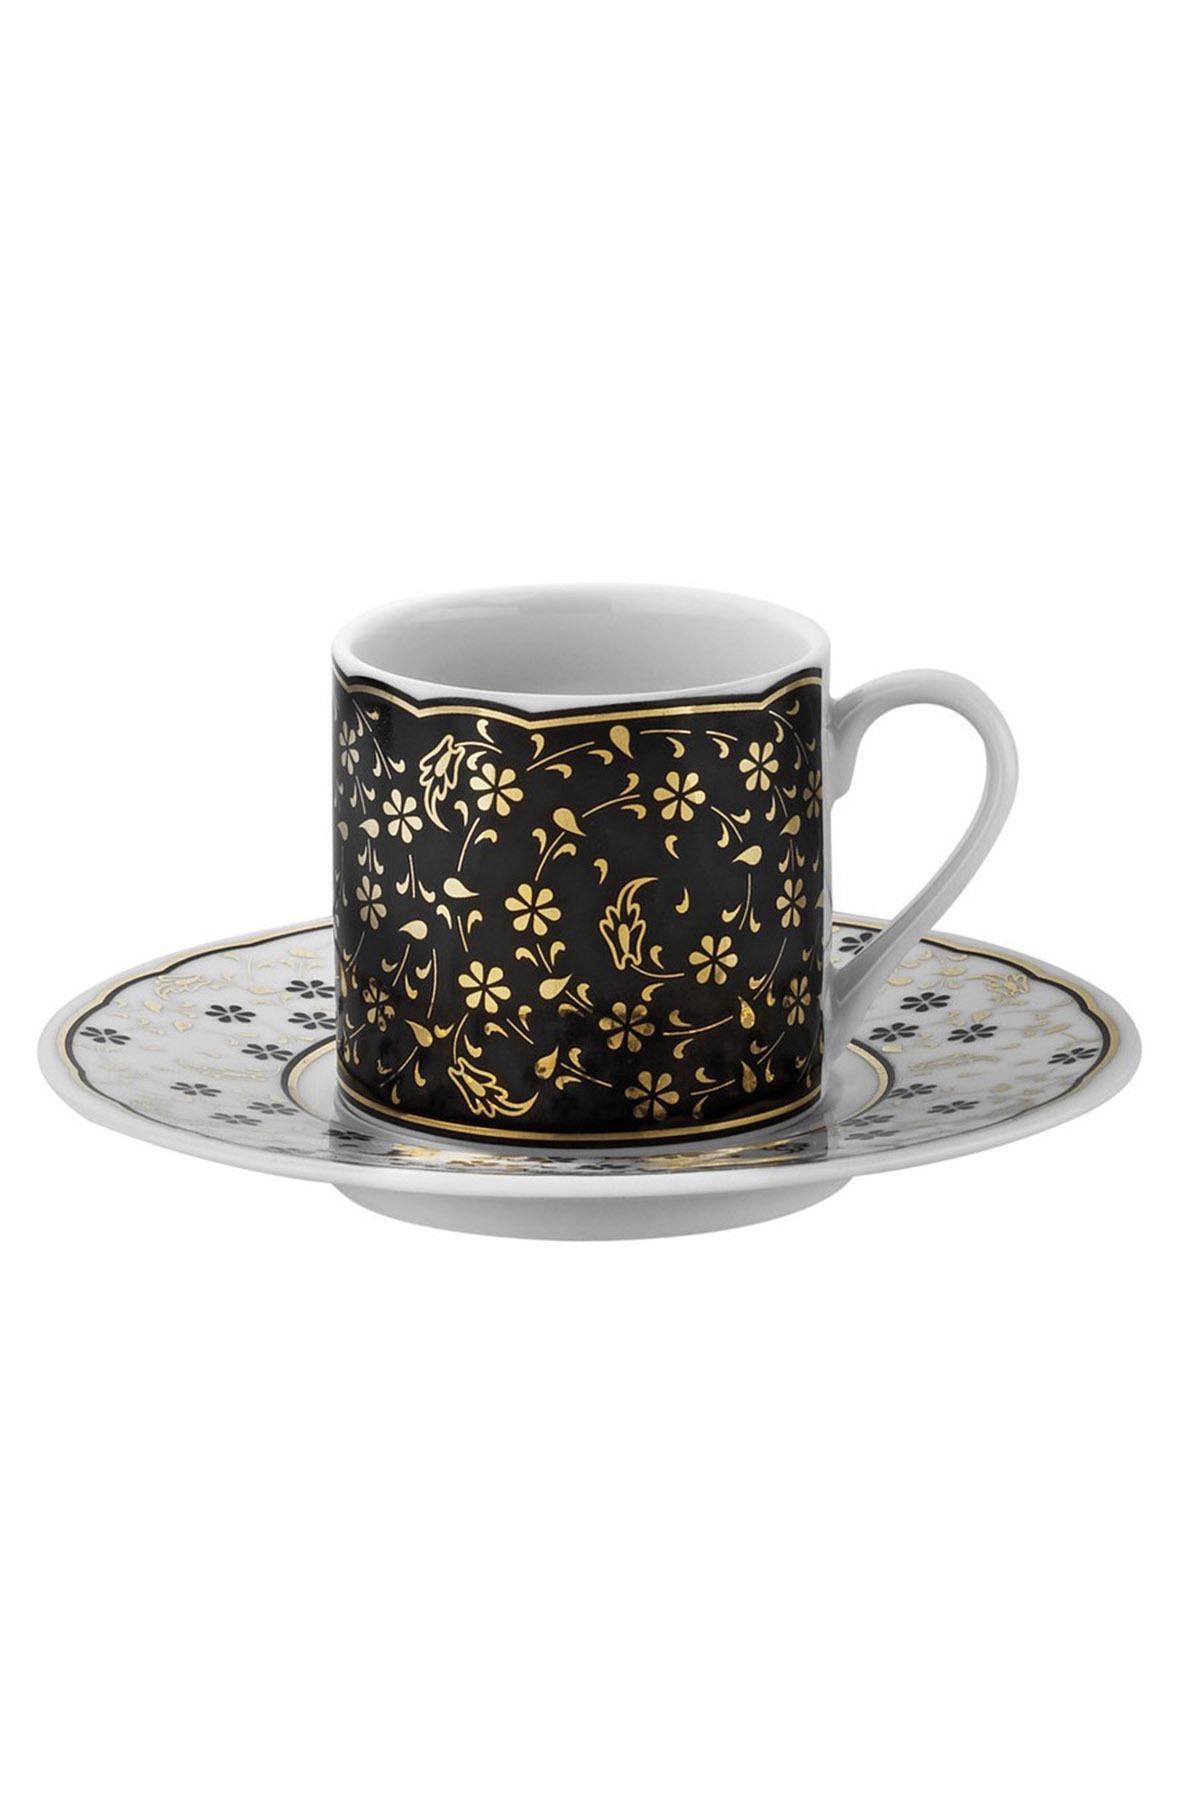 Kütahya Porselen - Kütahya Porselen Rüya 7741122 Desen Kahve Fincan Takımı